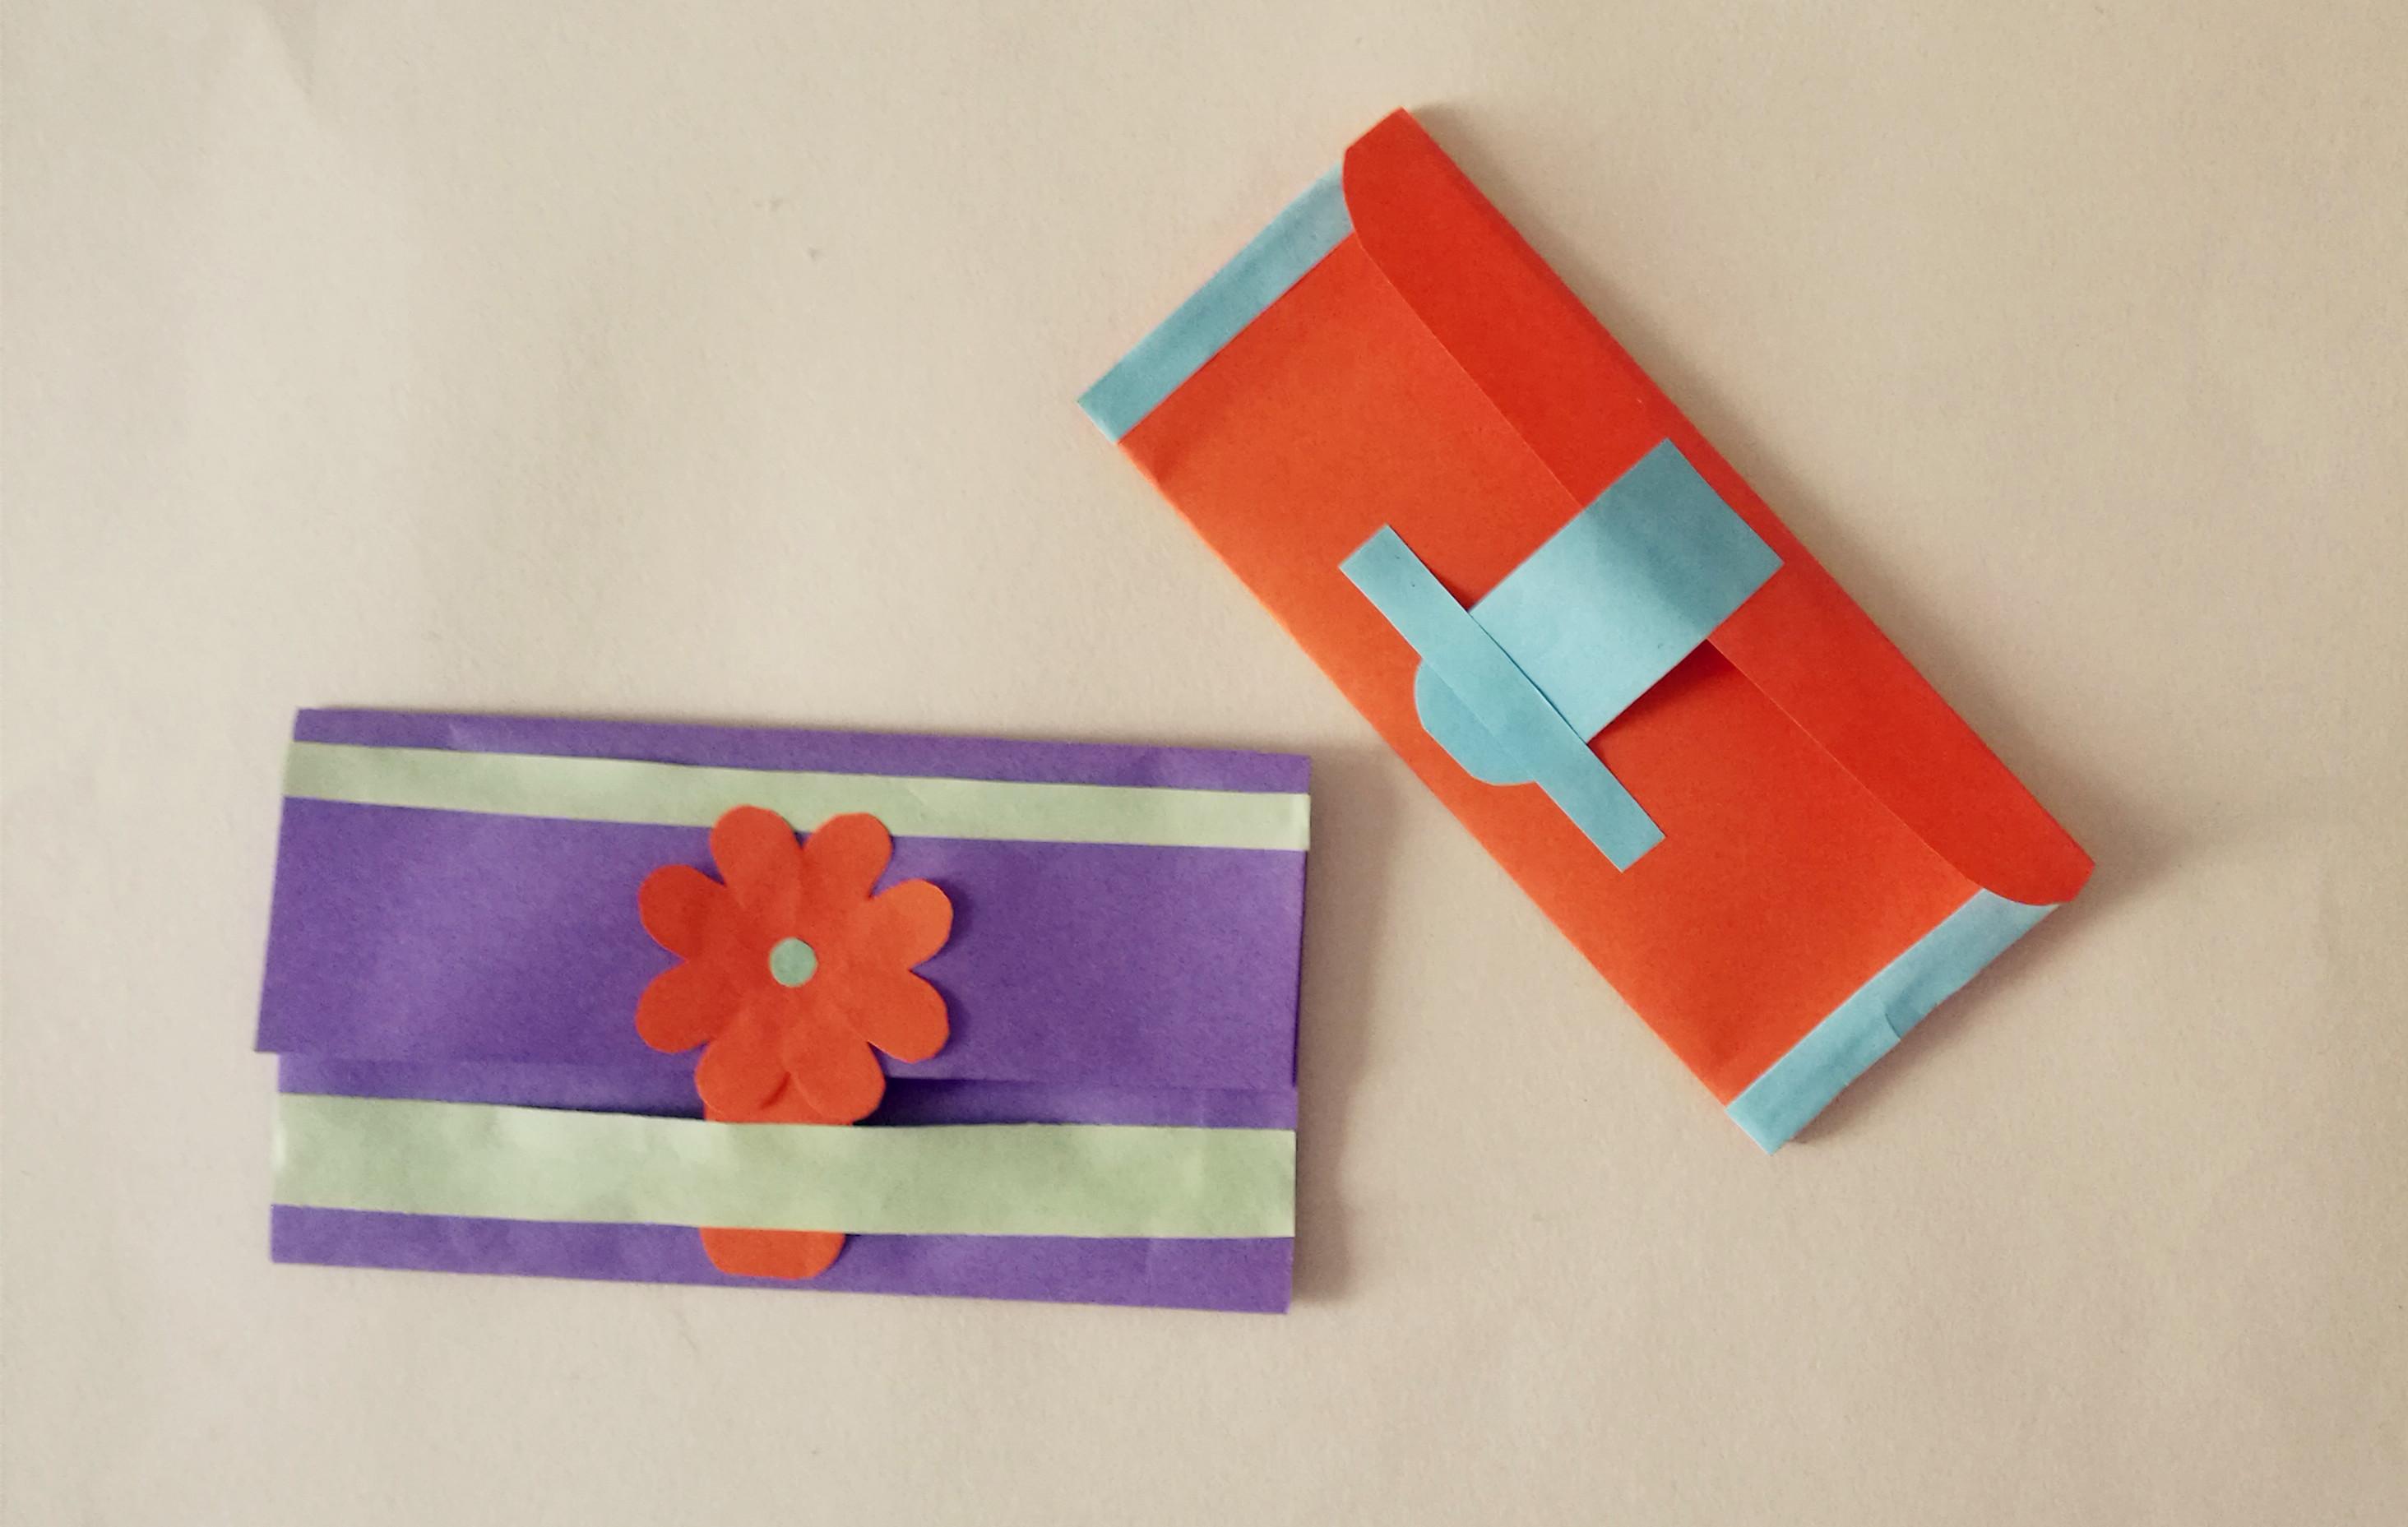 幼儿园手工,用卡纸制作小钱包的方法,简单易学实用